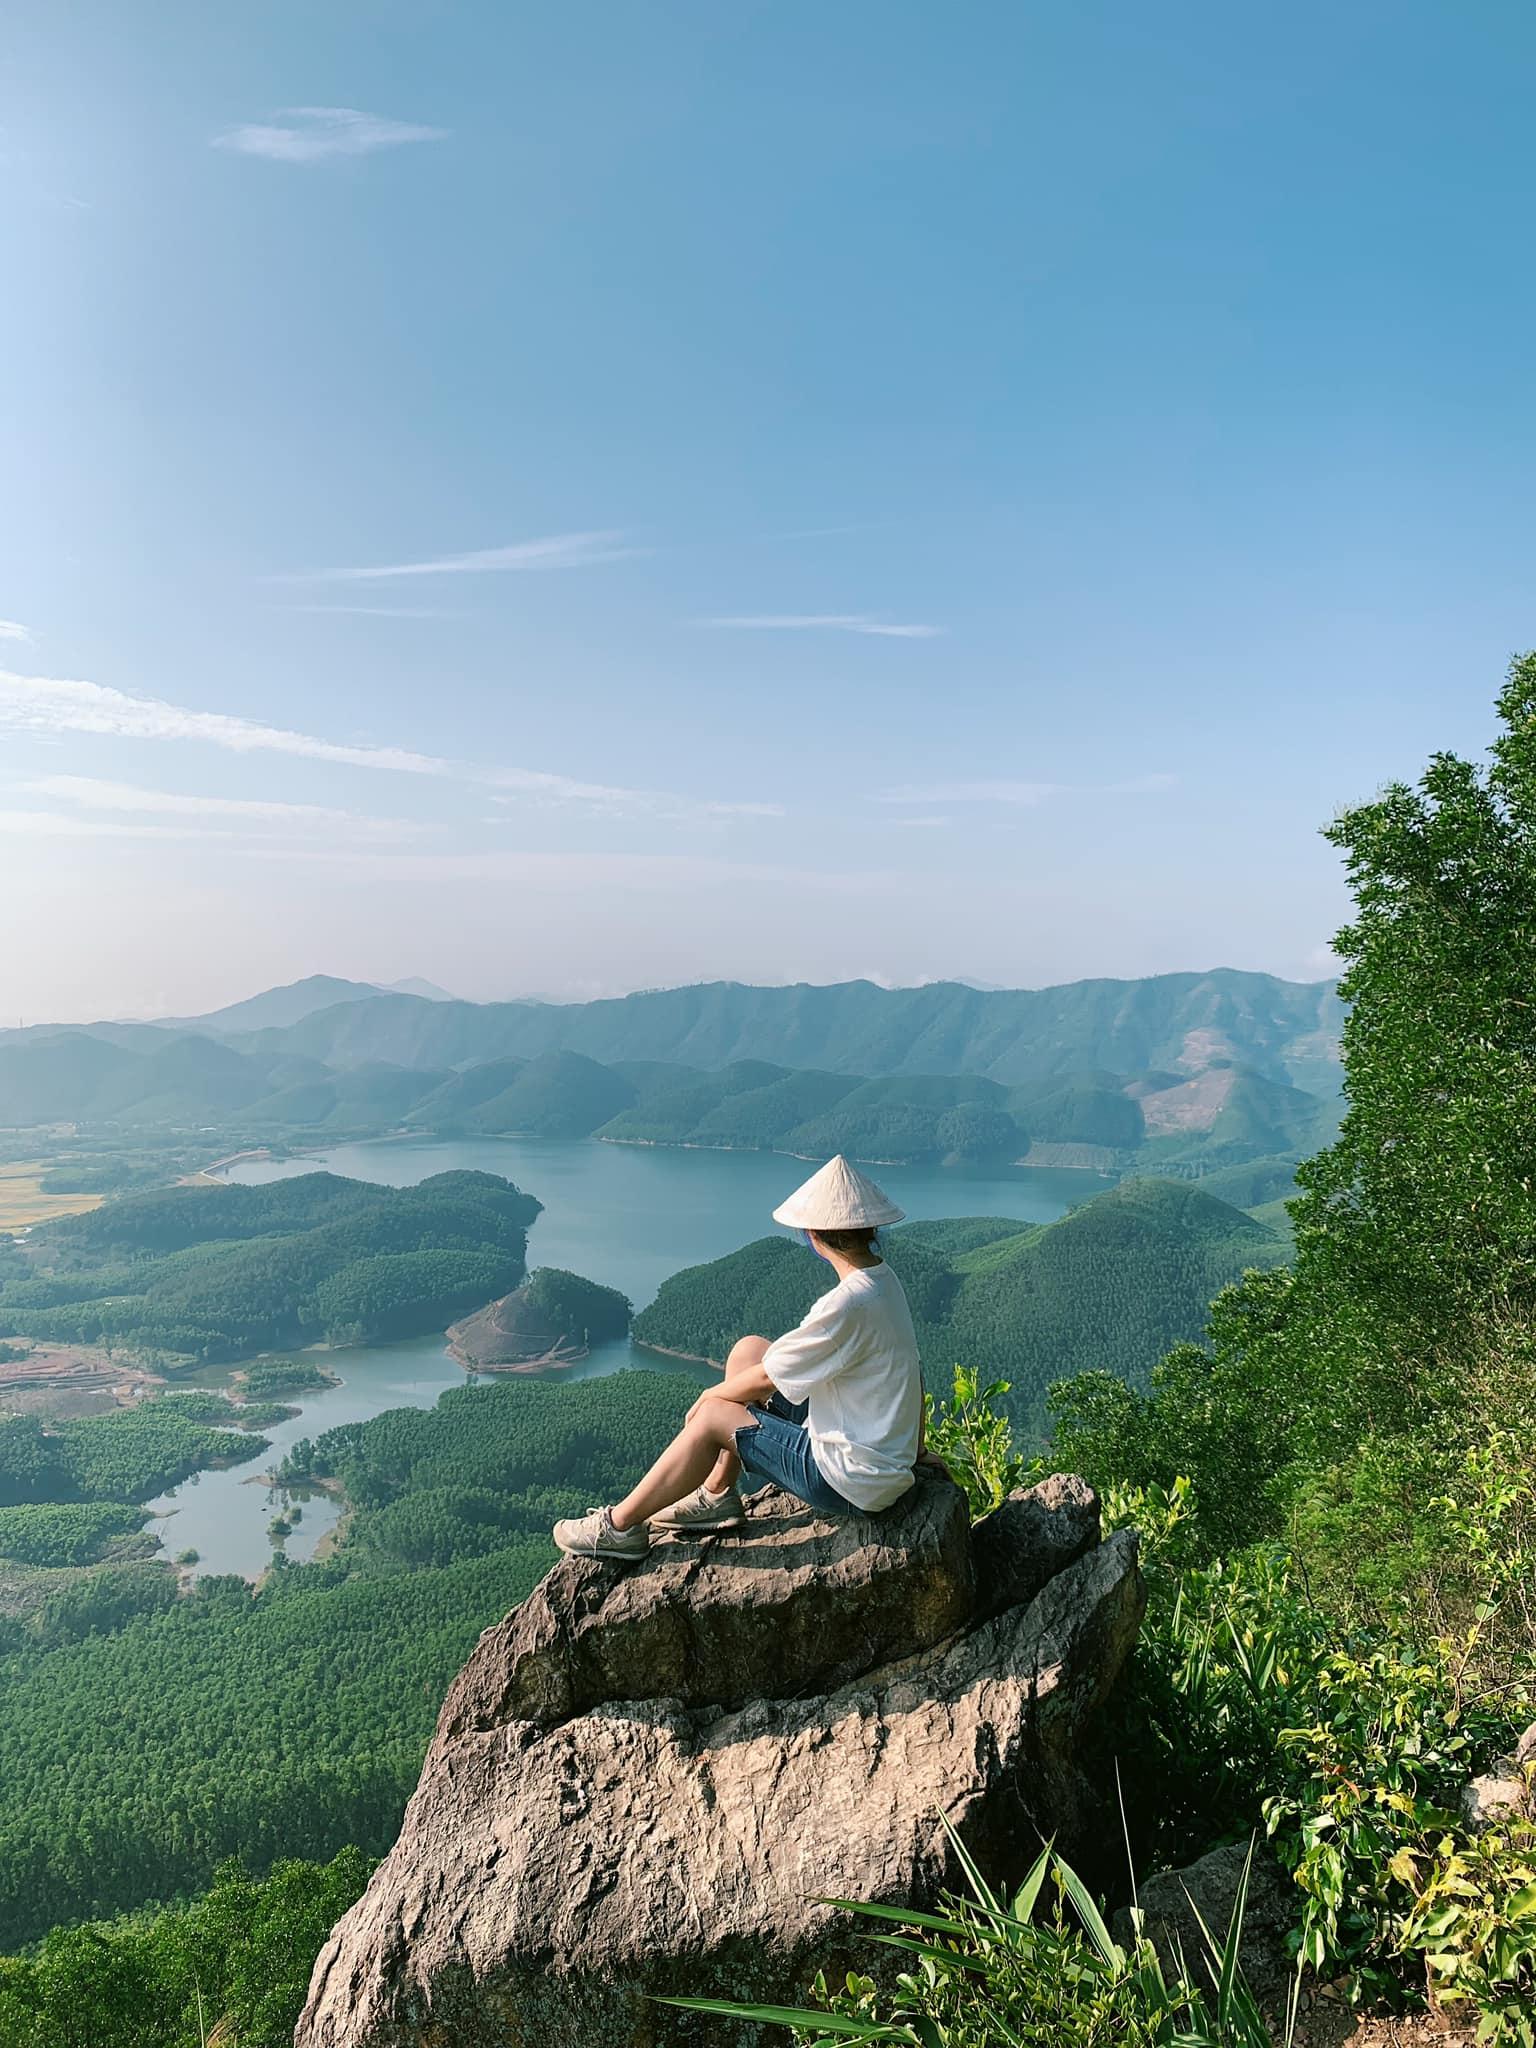 Núi Hòn Vượn dành cho bạn nào yêu thích khám phá thiên nhiên. Hình: Trinh